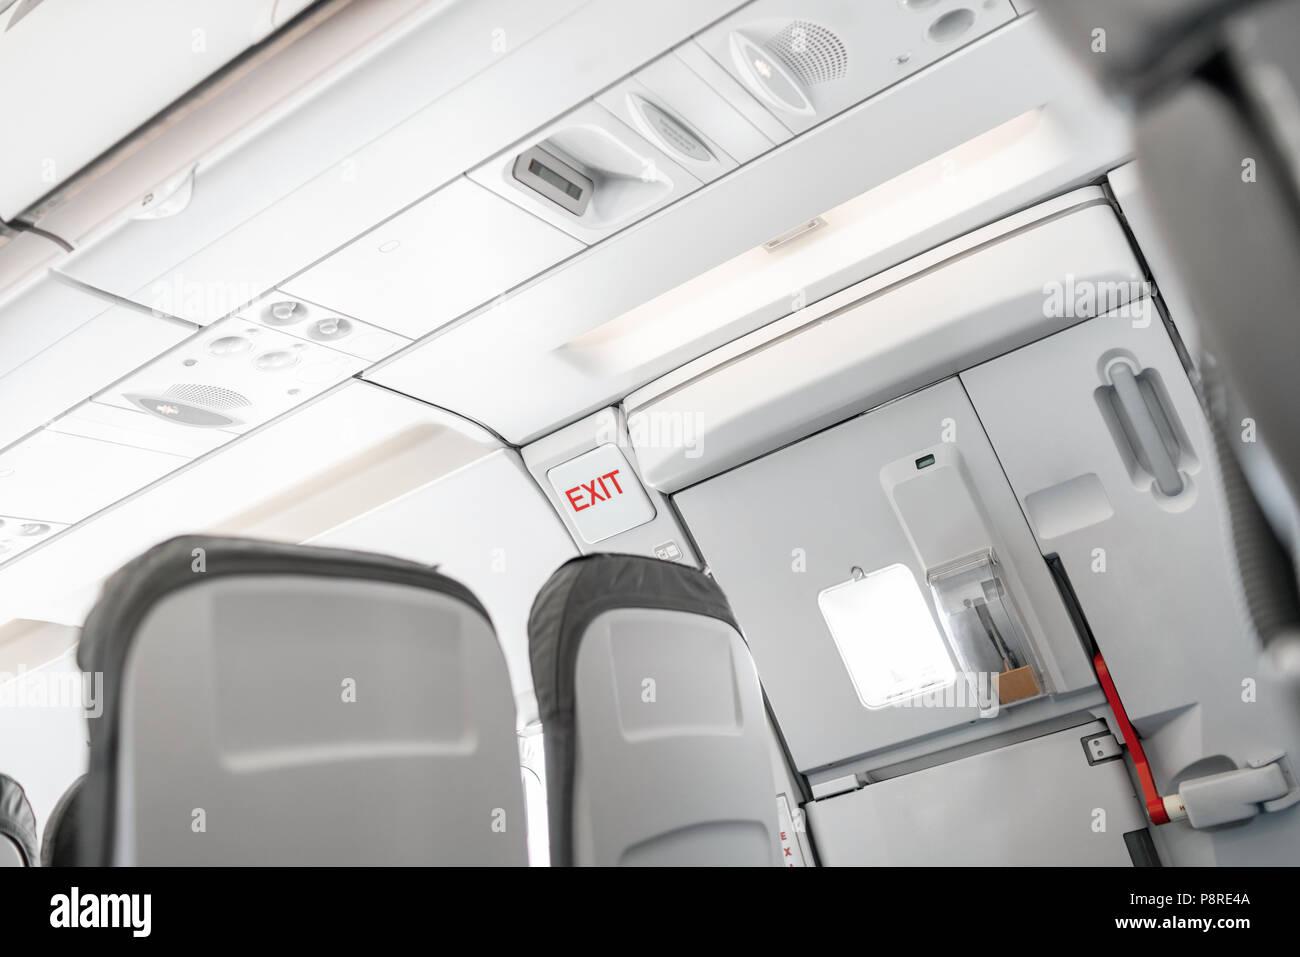 Uscita di emergenza a bordo di un aeromobile, vista dall'interno del piano. Vuoto aereo sedi nella cabina. Moderno concetto di trasporto. Aeromobili a lunga distanza di volo internazionale Immagini Stock